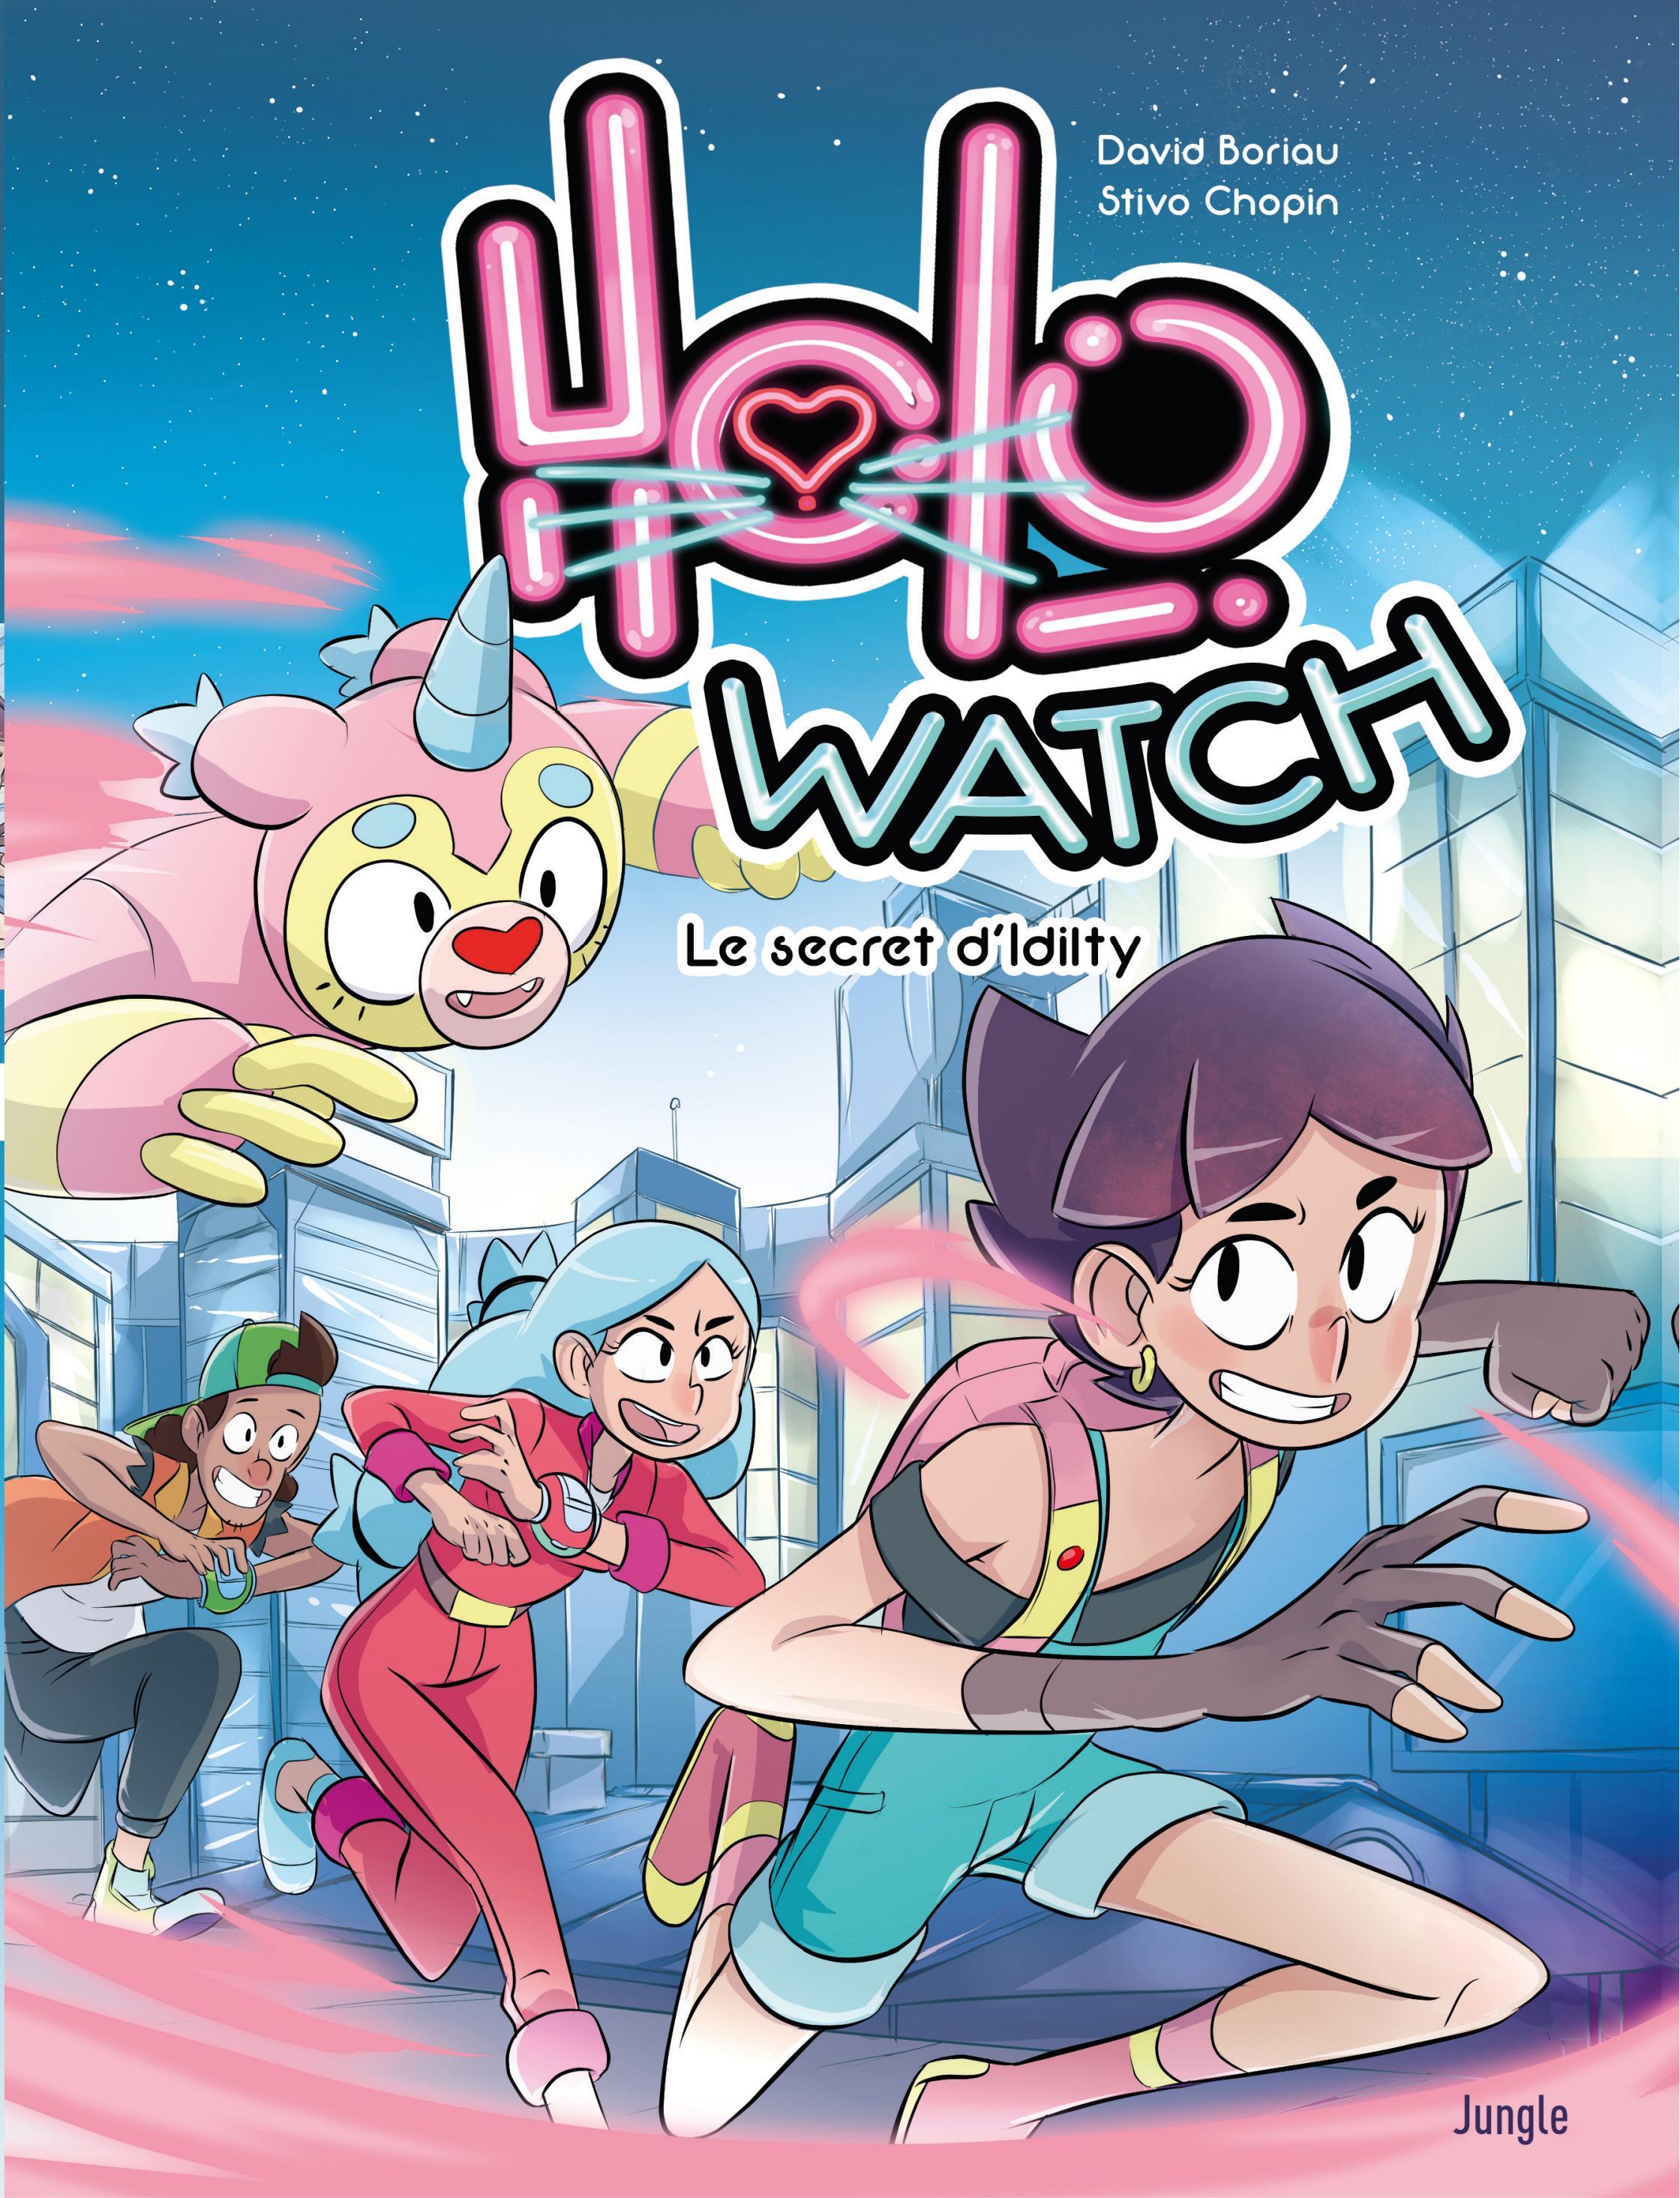 Holo watch 1 - Le secret d'Idilty